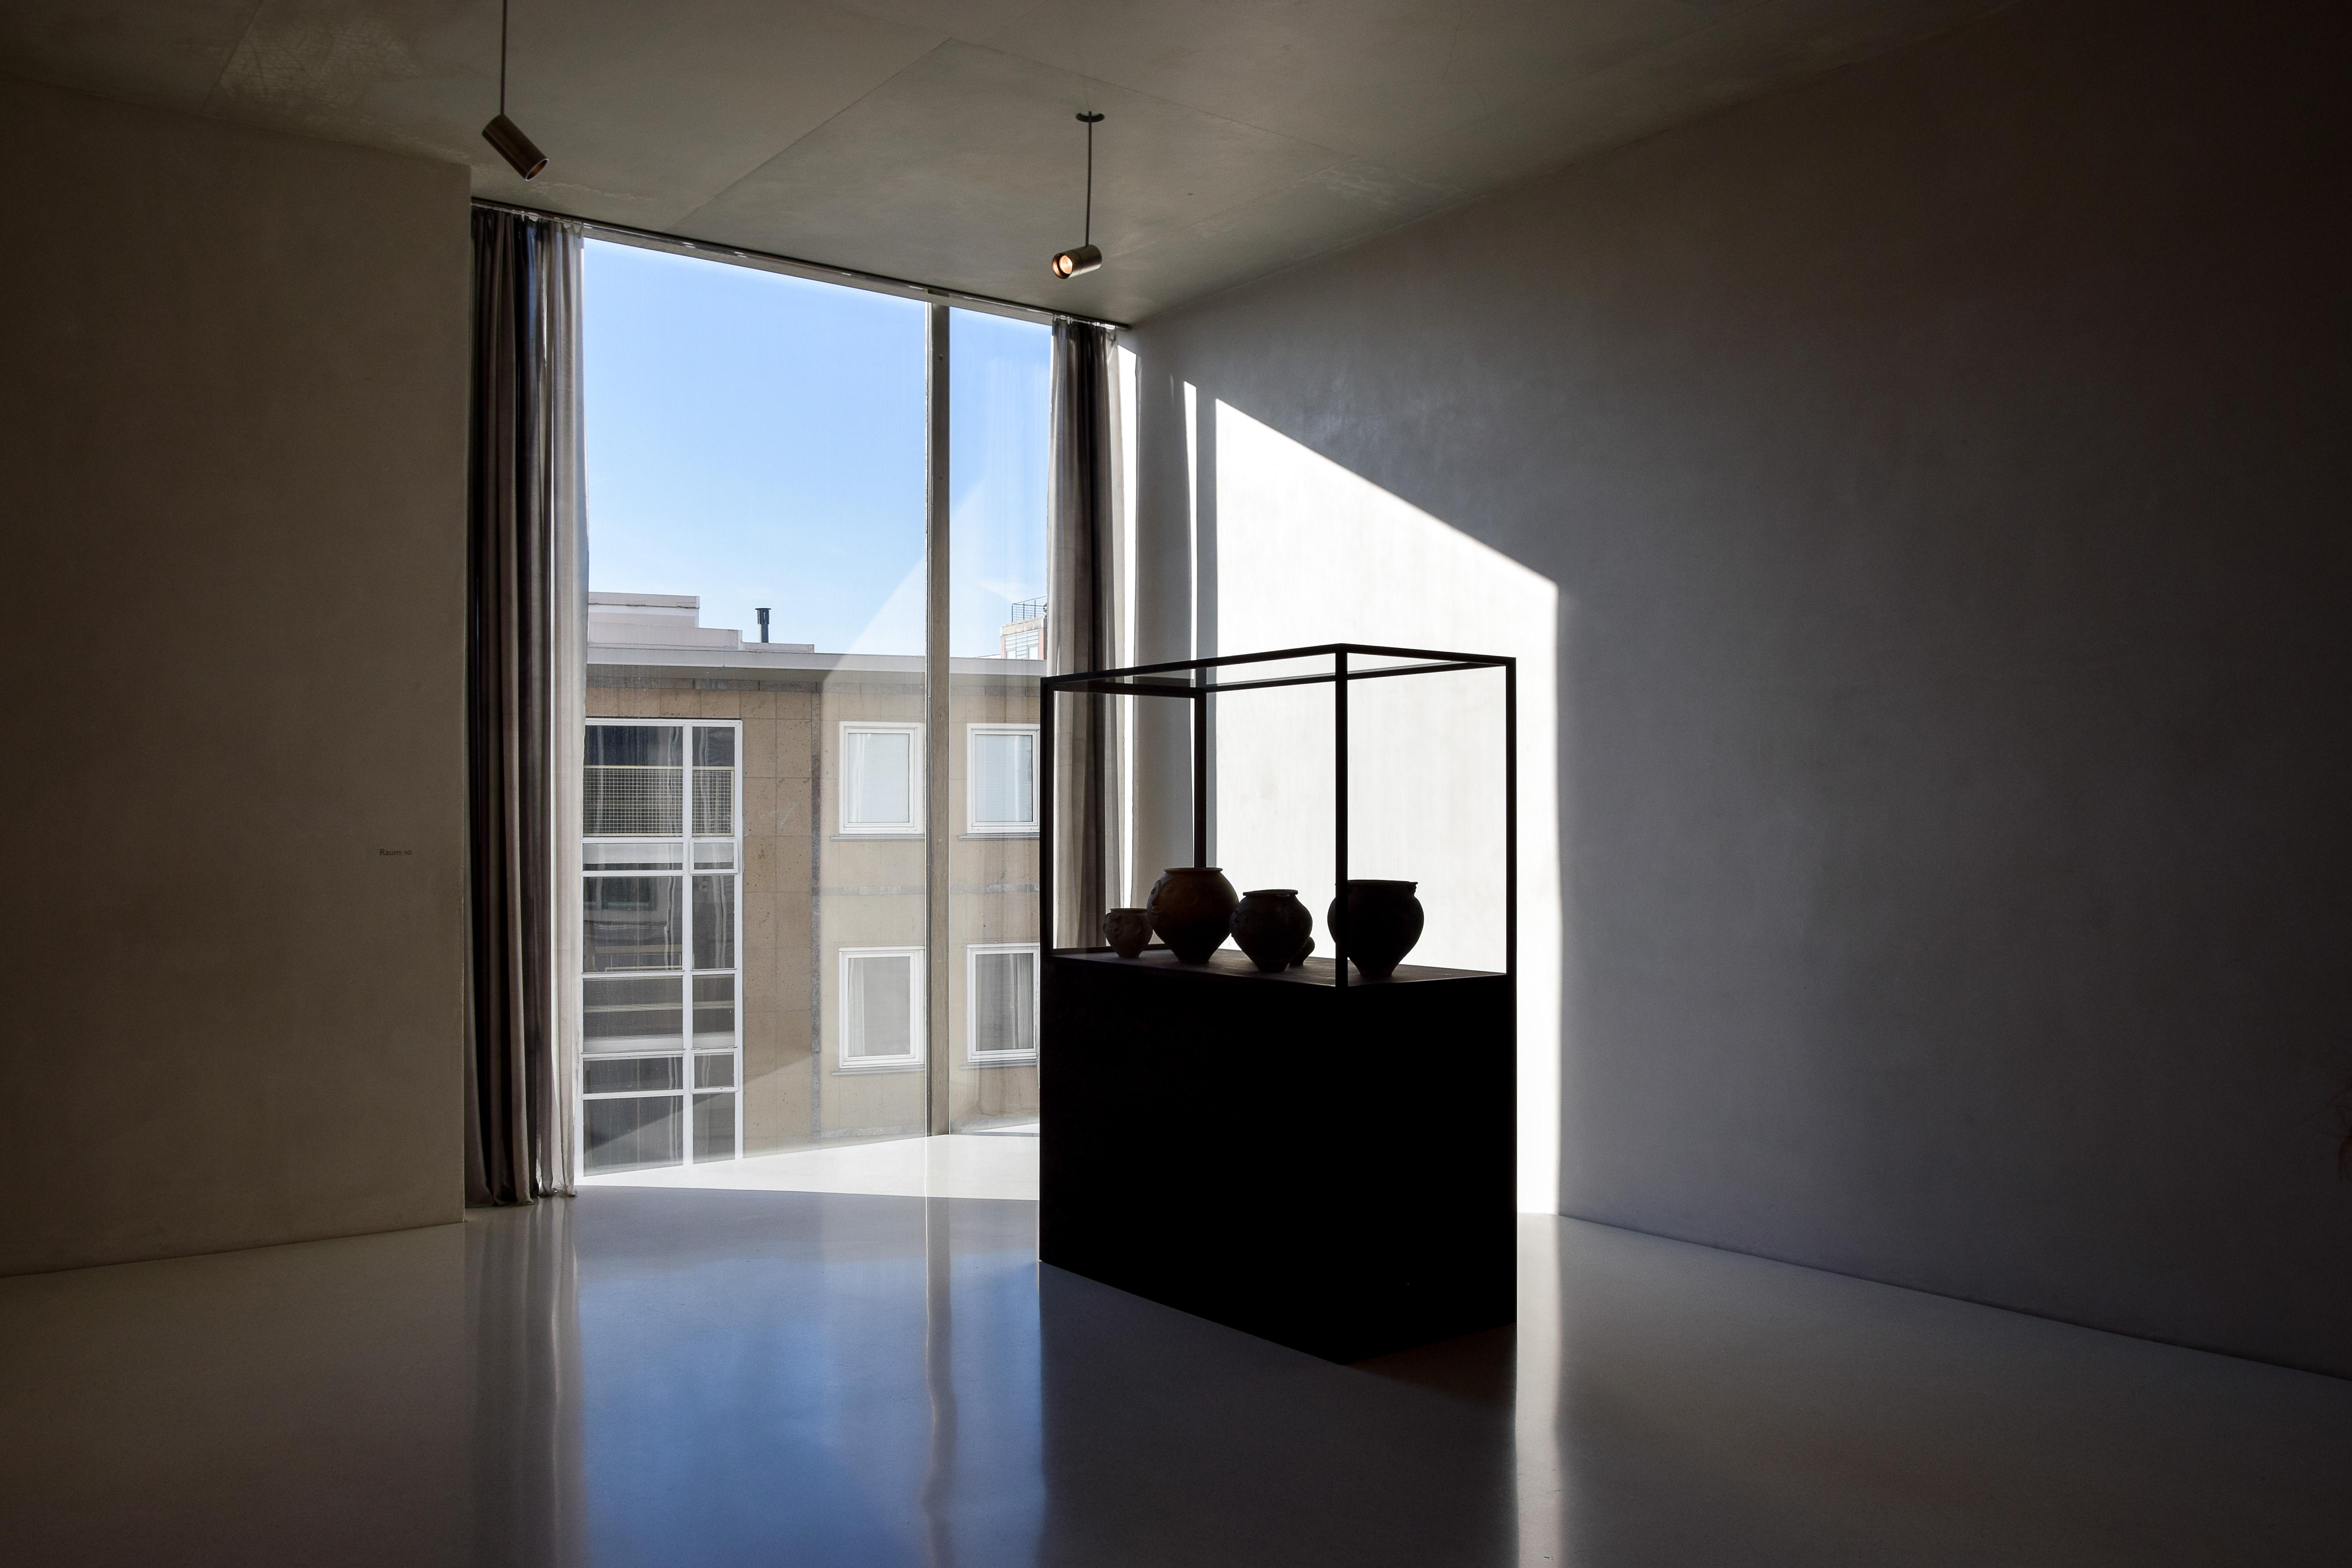 hombroich essen k ln raum und information. Black Bedroom Furniture Sets. Home Design Ideas